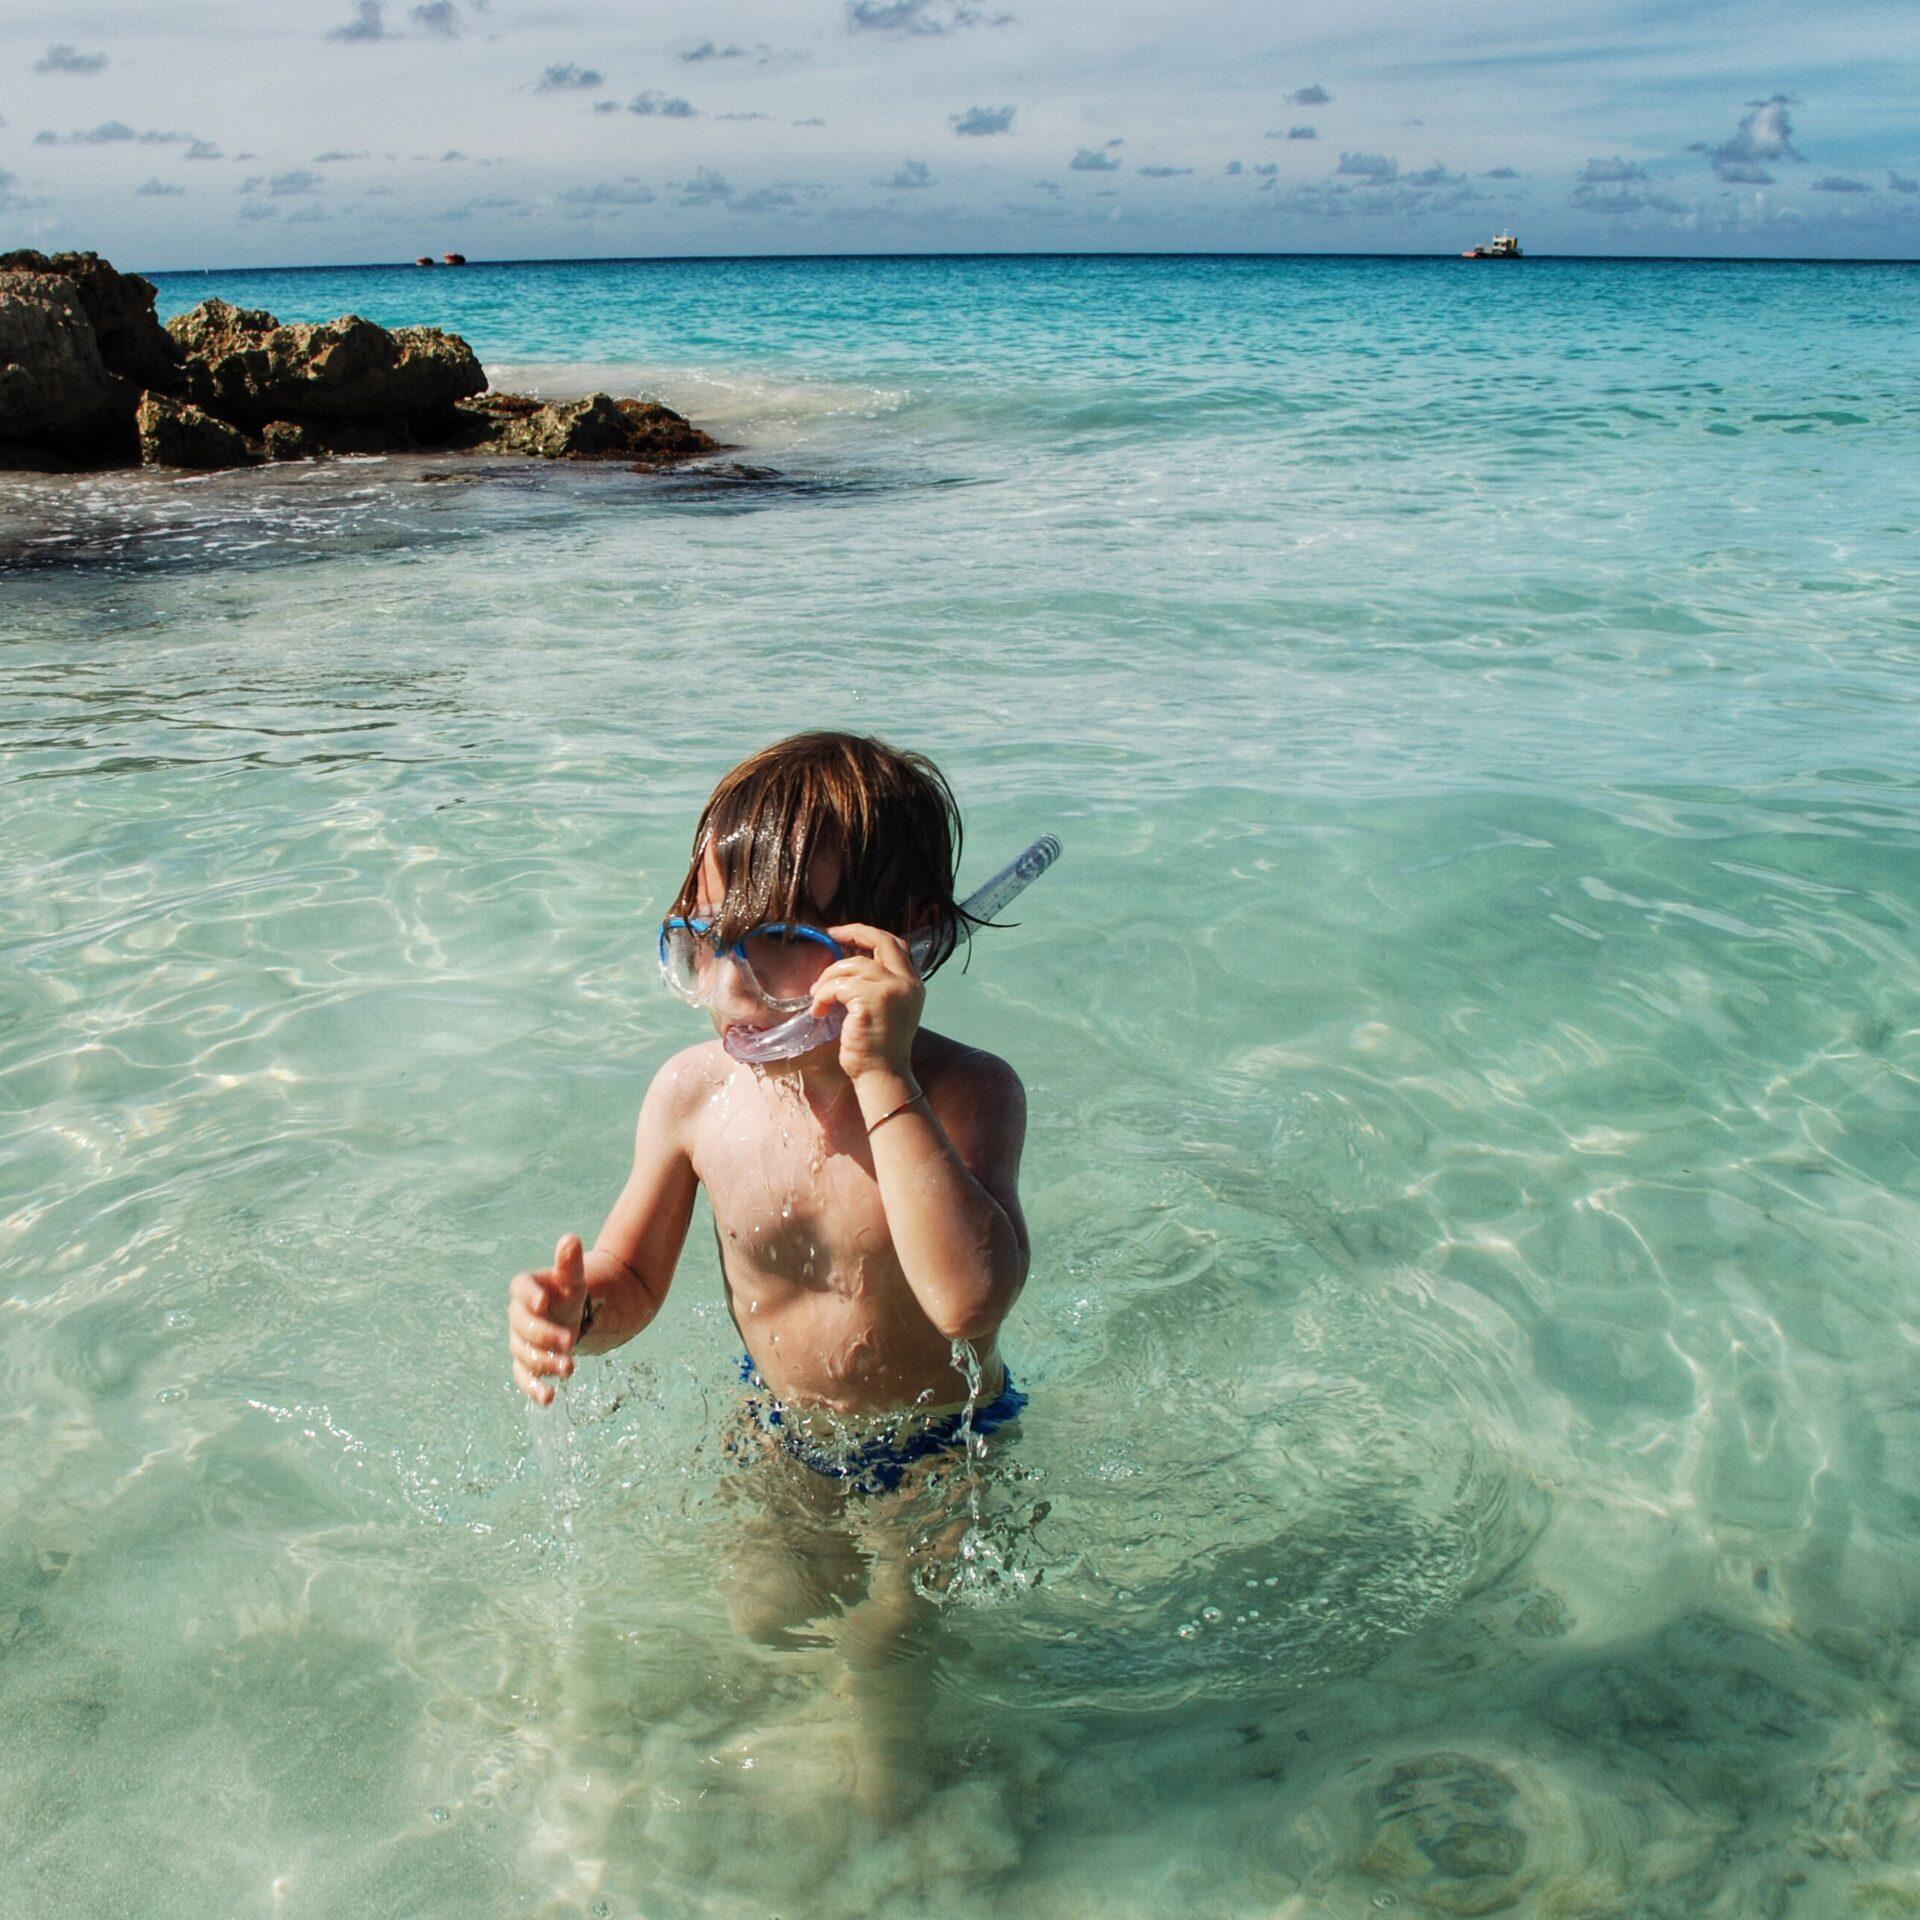 Spiagge a Barbados: perfette per bambini e famiglie